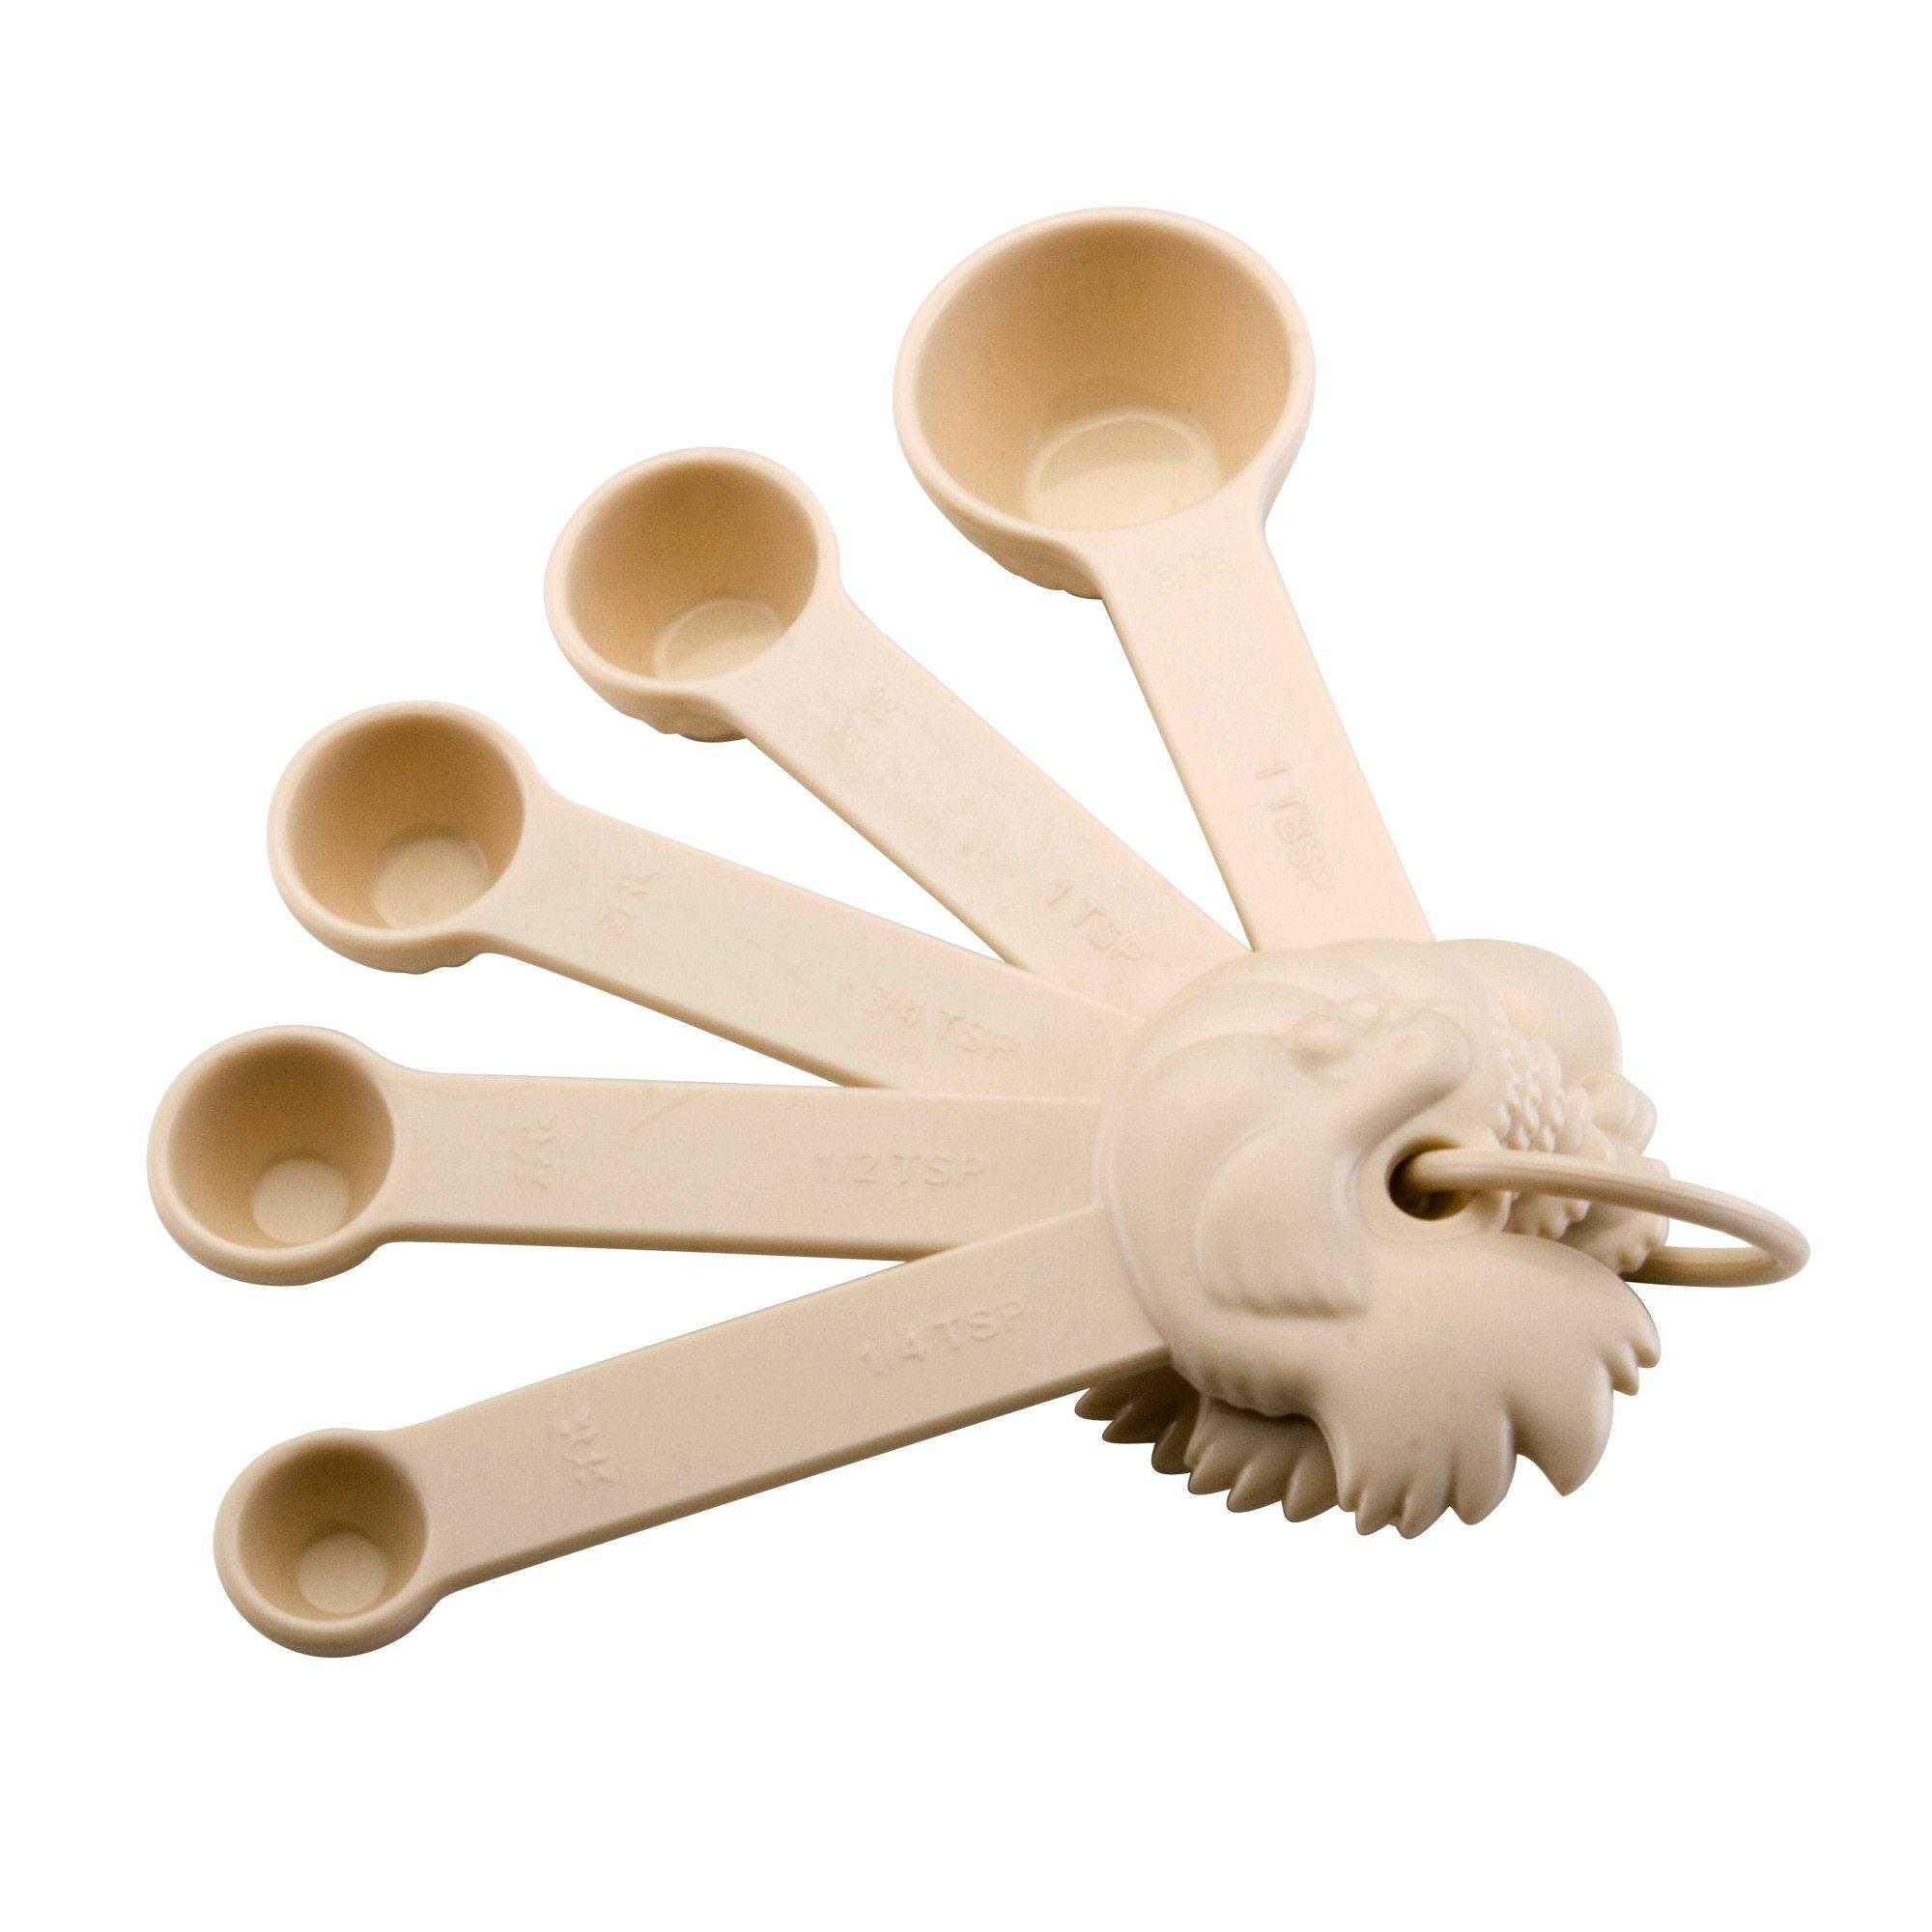 Paula Deen Signature Nonstick 15-Piece Porcelain Cookware Set by Paula Deen (Image #5)